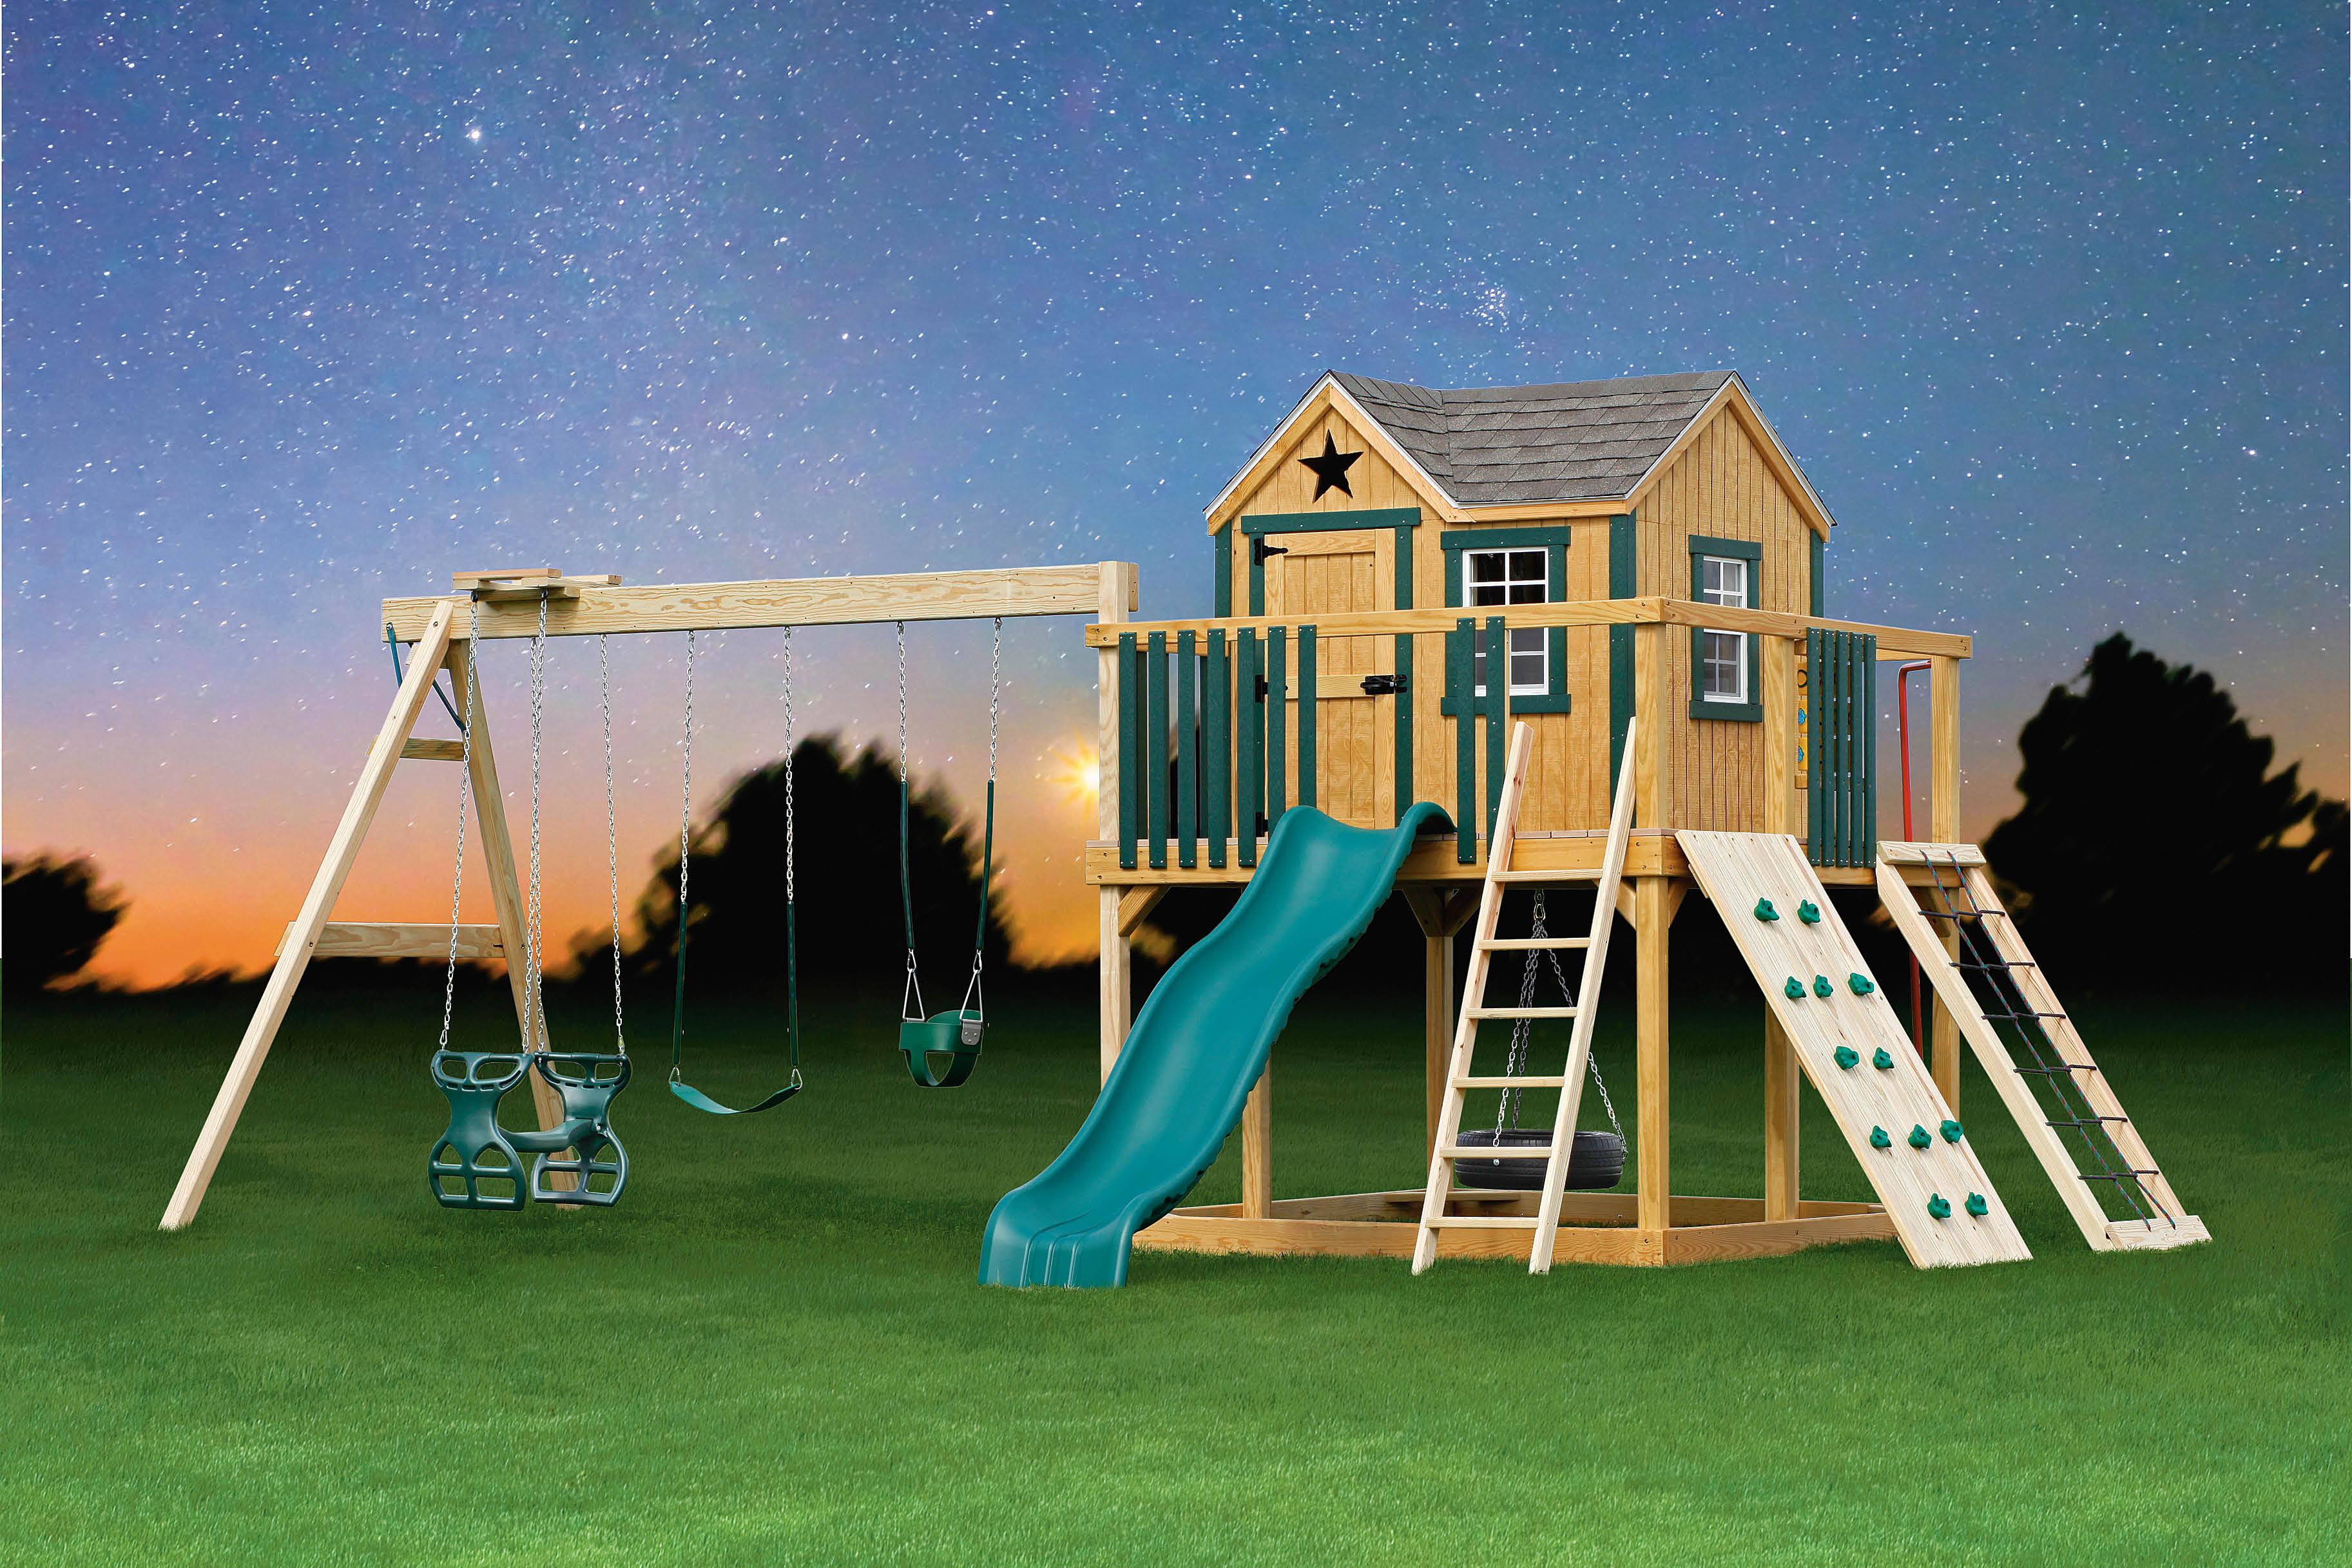 playground,swing set,slides,mulch,gazebo,sandbox,glider,chairs,discount,deals,